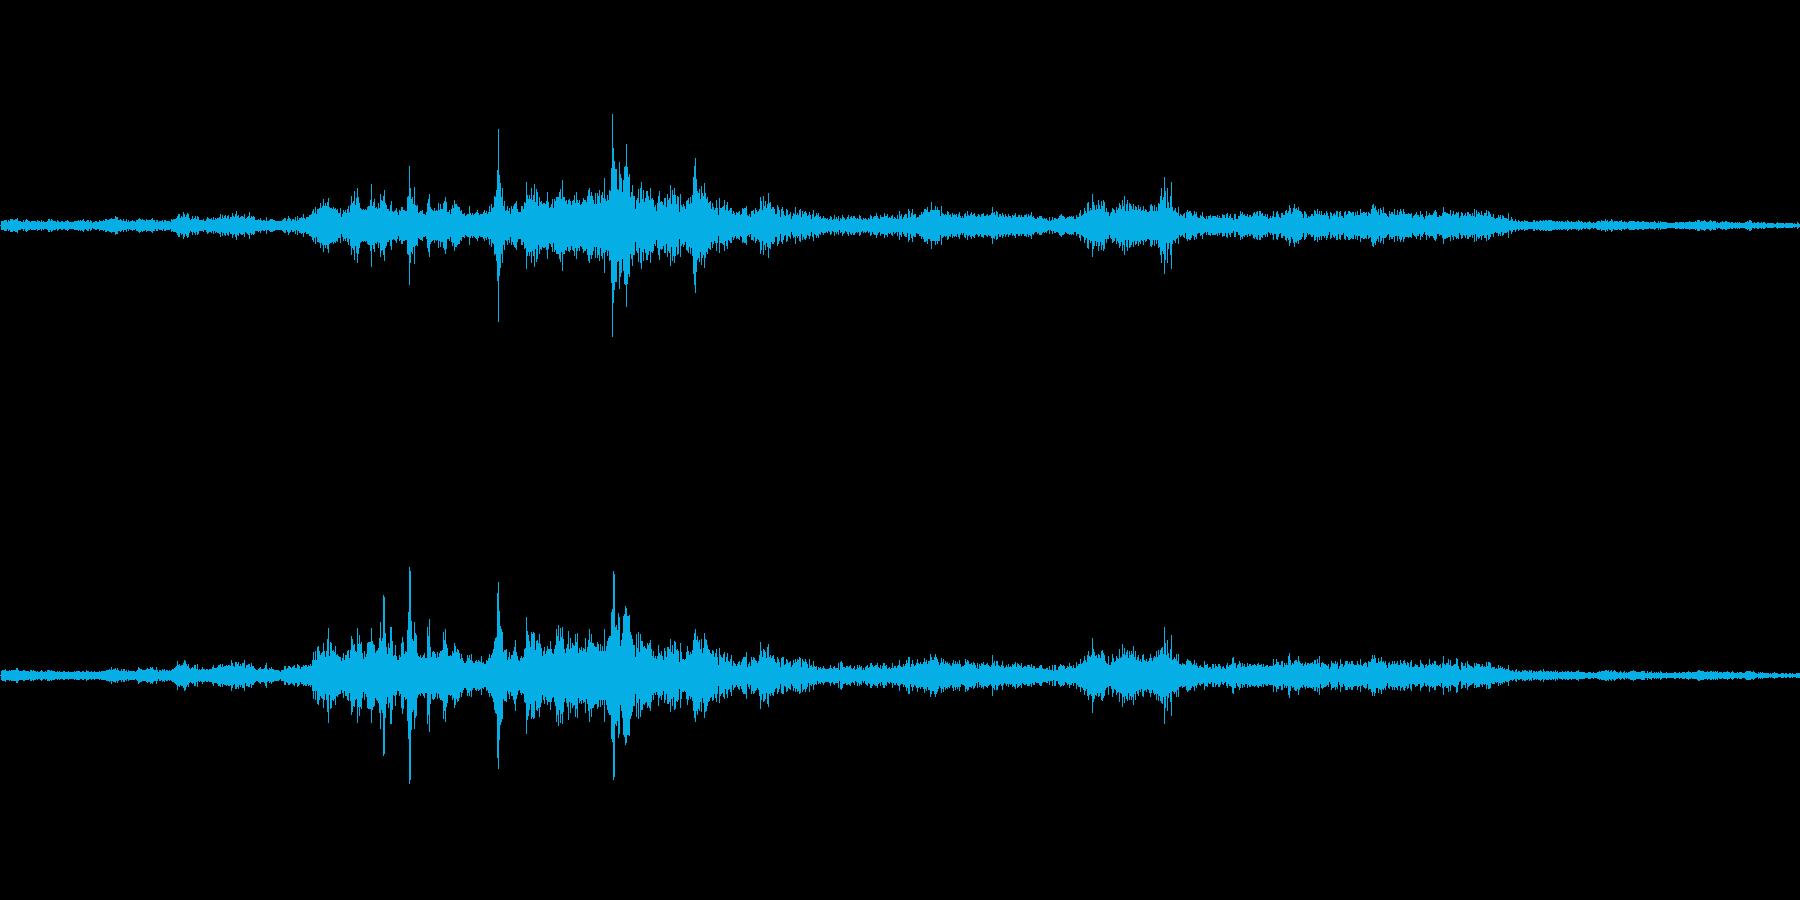 バイノーラル録音戦闘機4の再生済みの波形